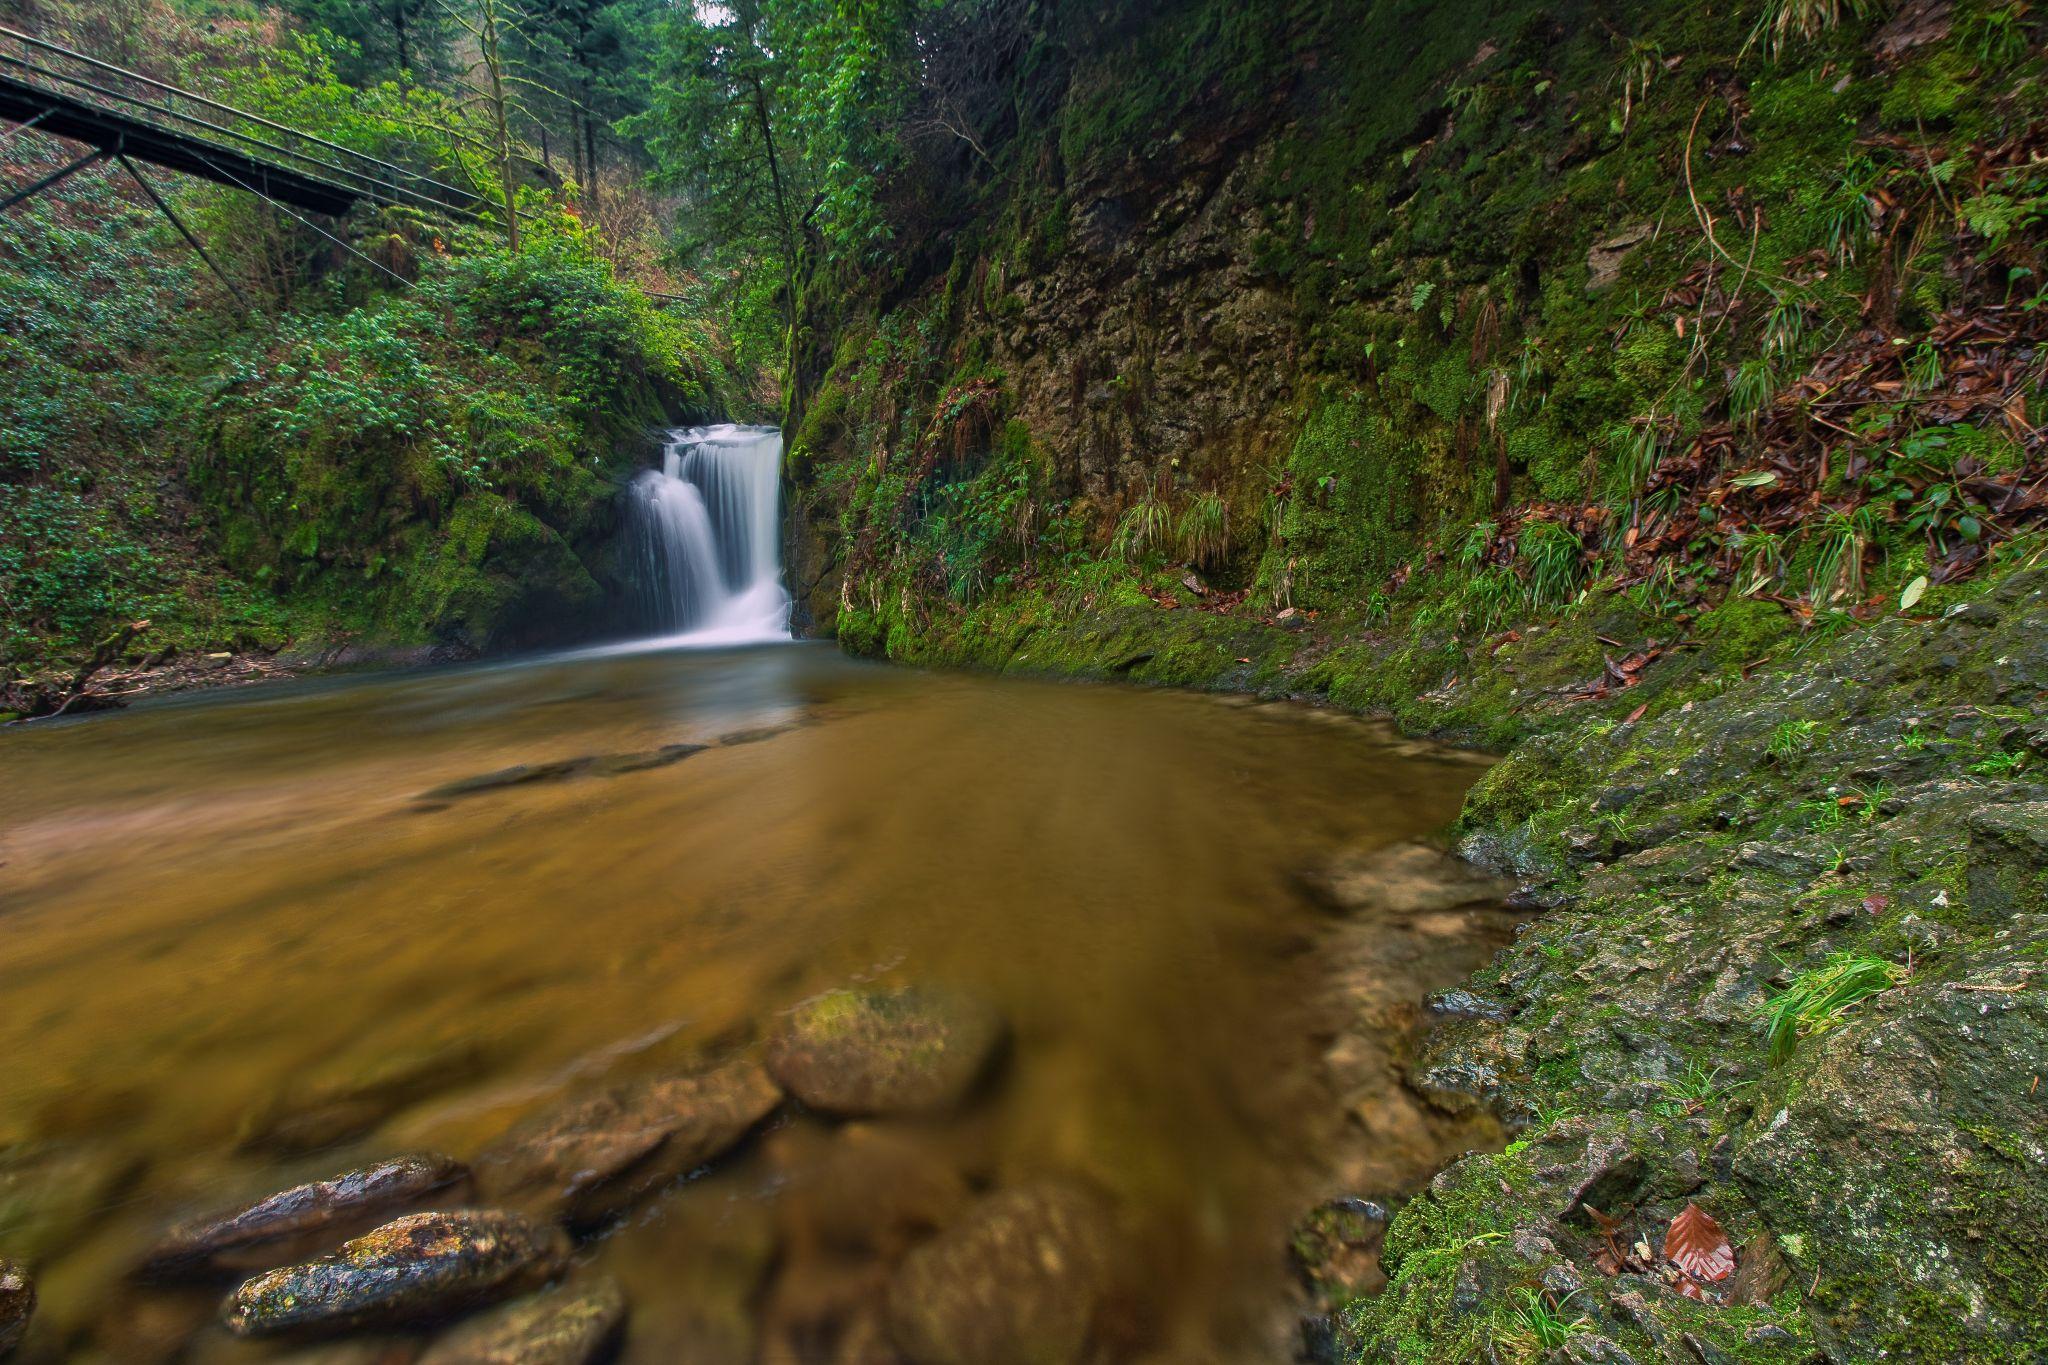 Waterfall Geroldsau, Germany